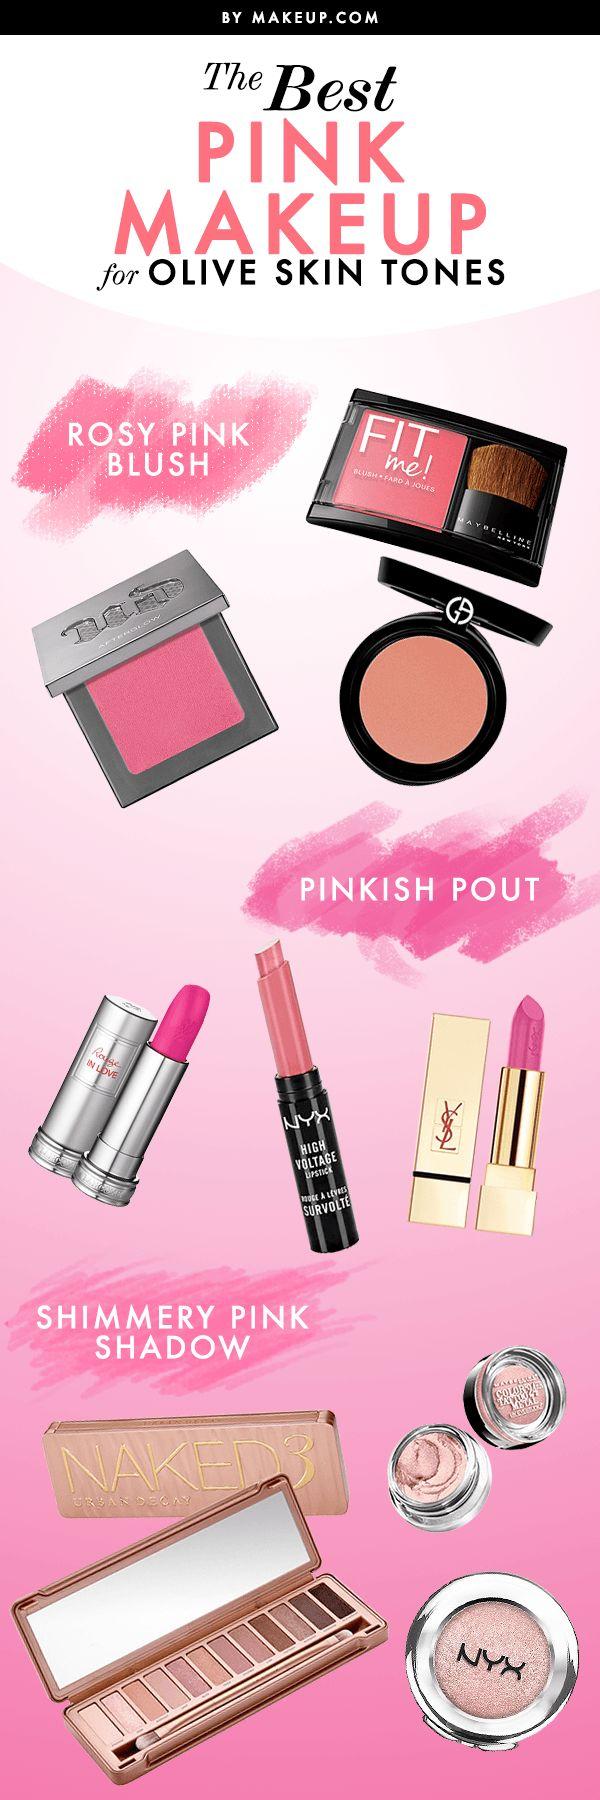 Pink Makeup for Olive Skin